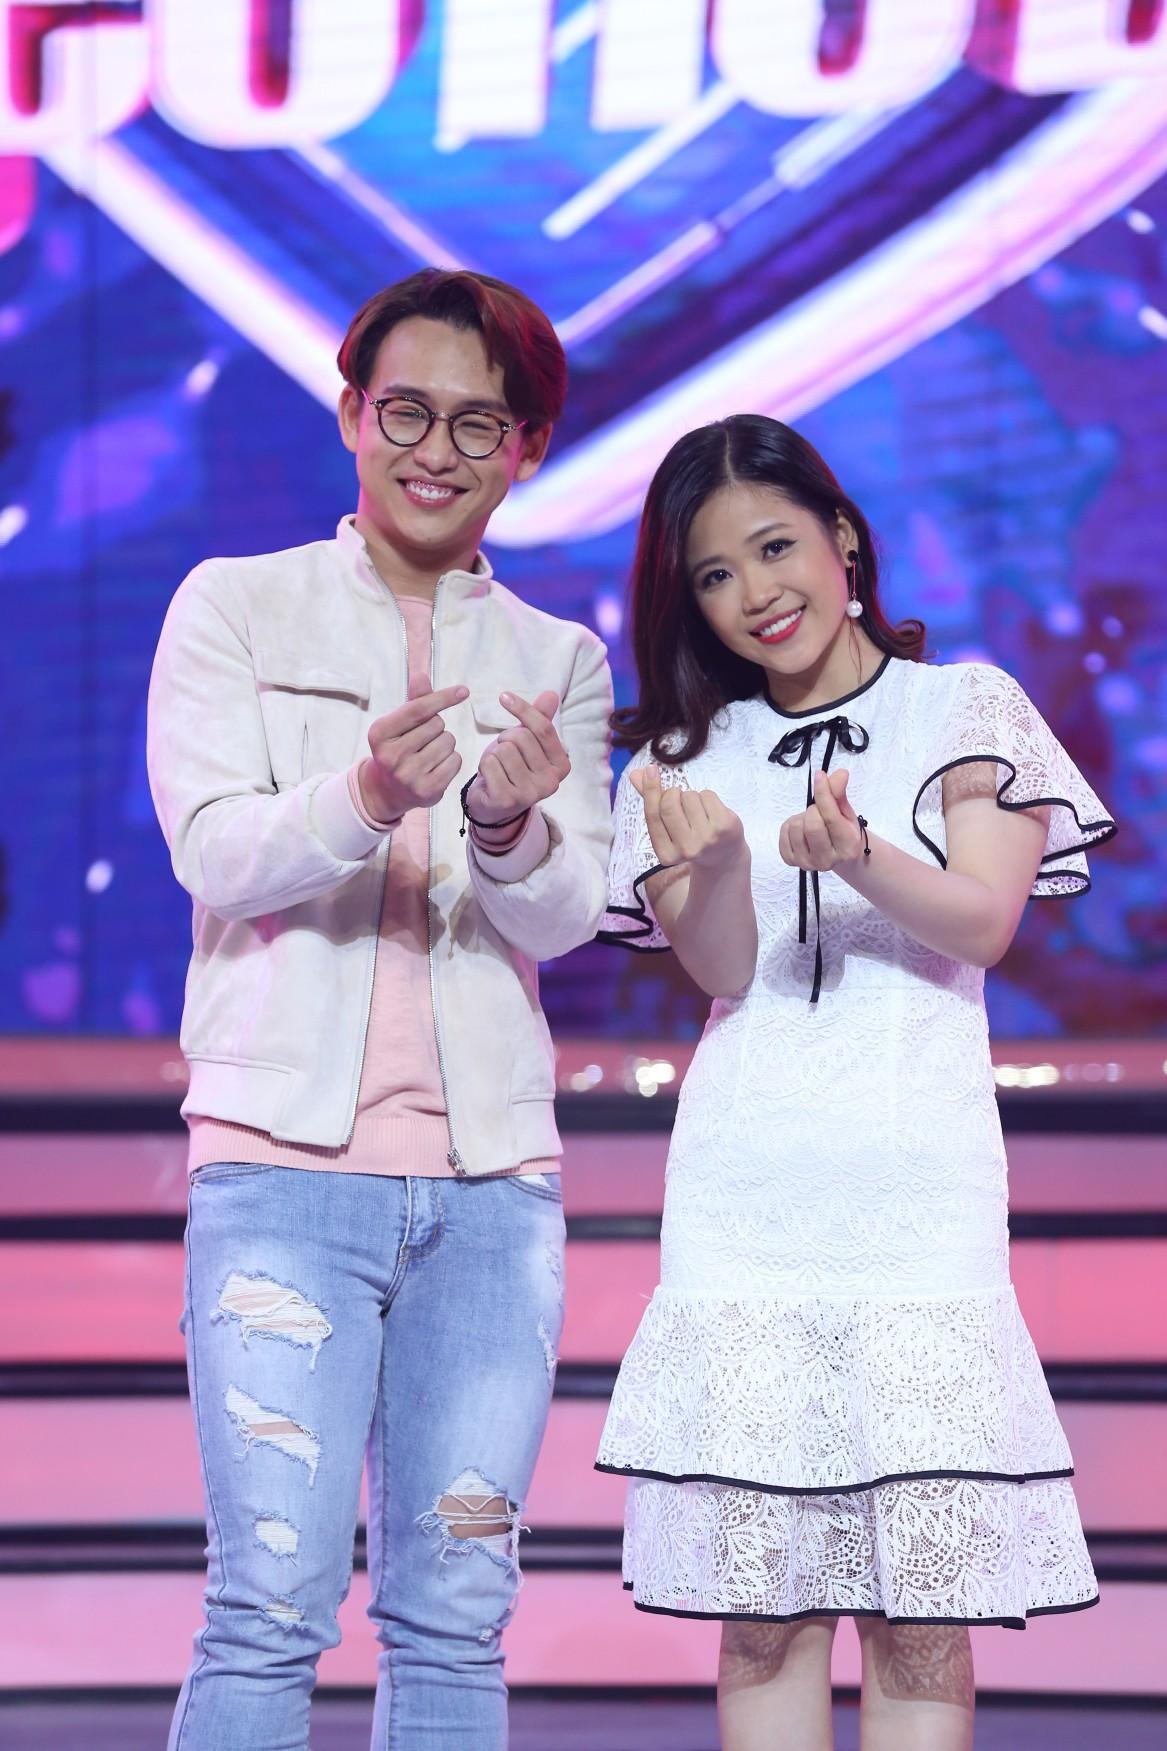 Dắt tay hot girl Vì yêu mà đến ra về, MC Quang Bảo viết tâm thư khẳng định cả 2 là... bạn tâm giao - Ảnh 3.